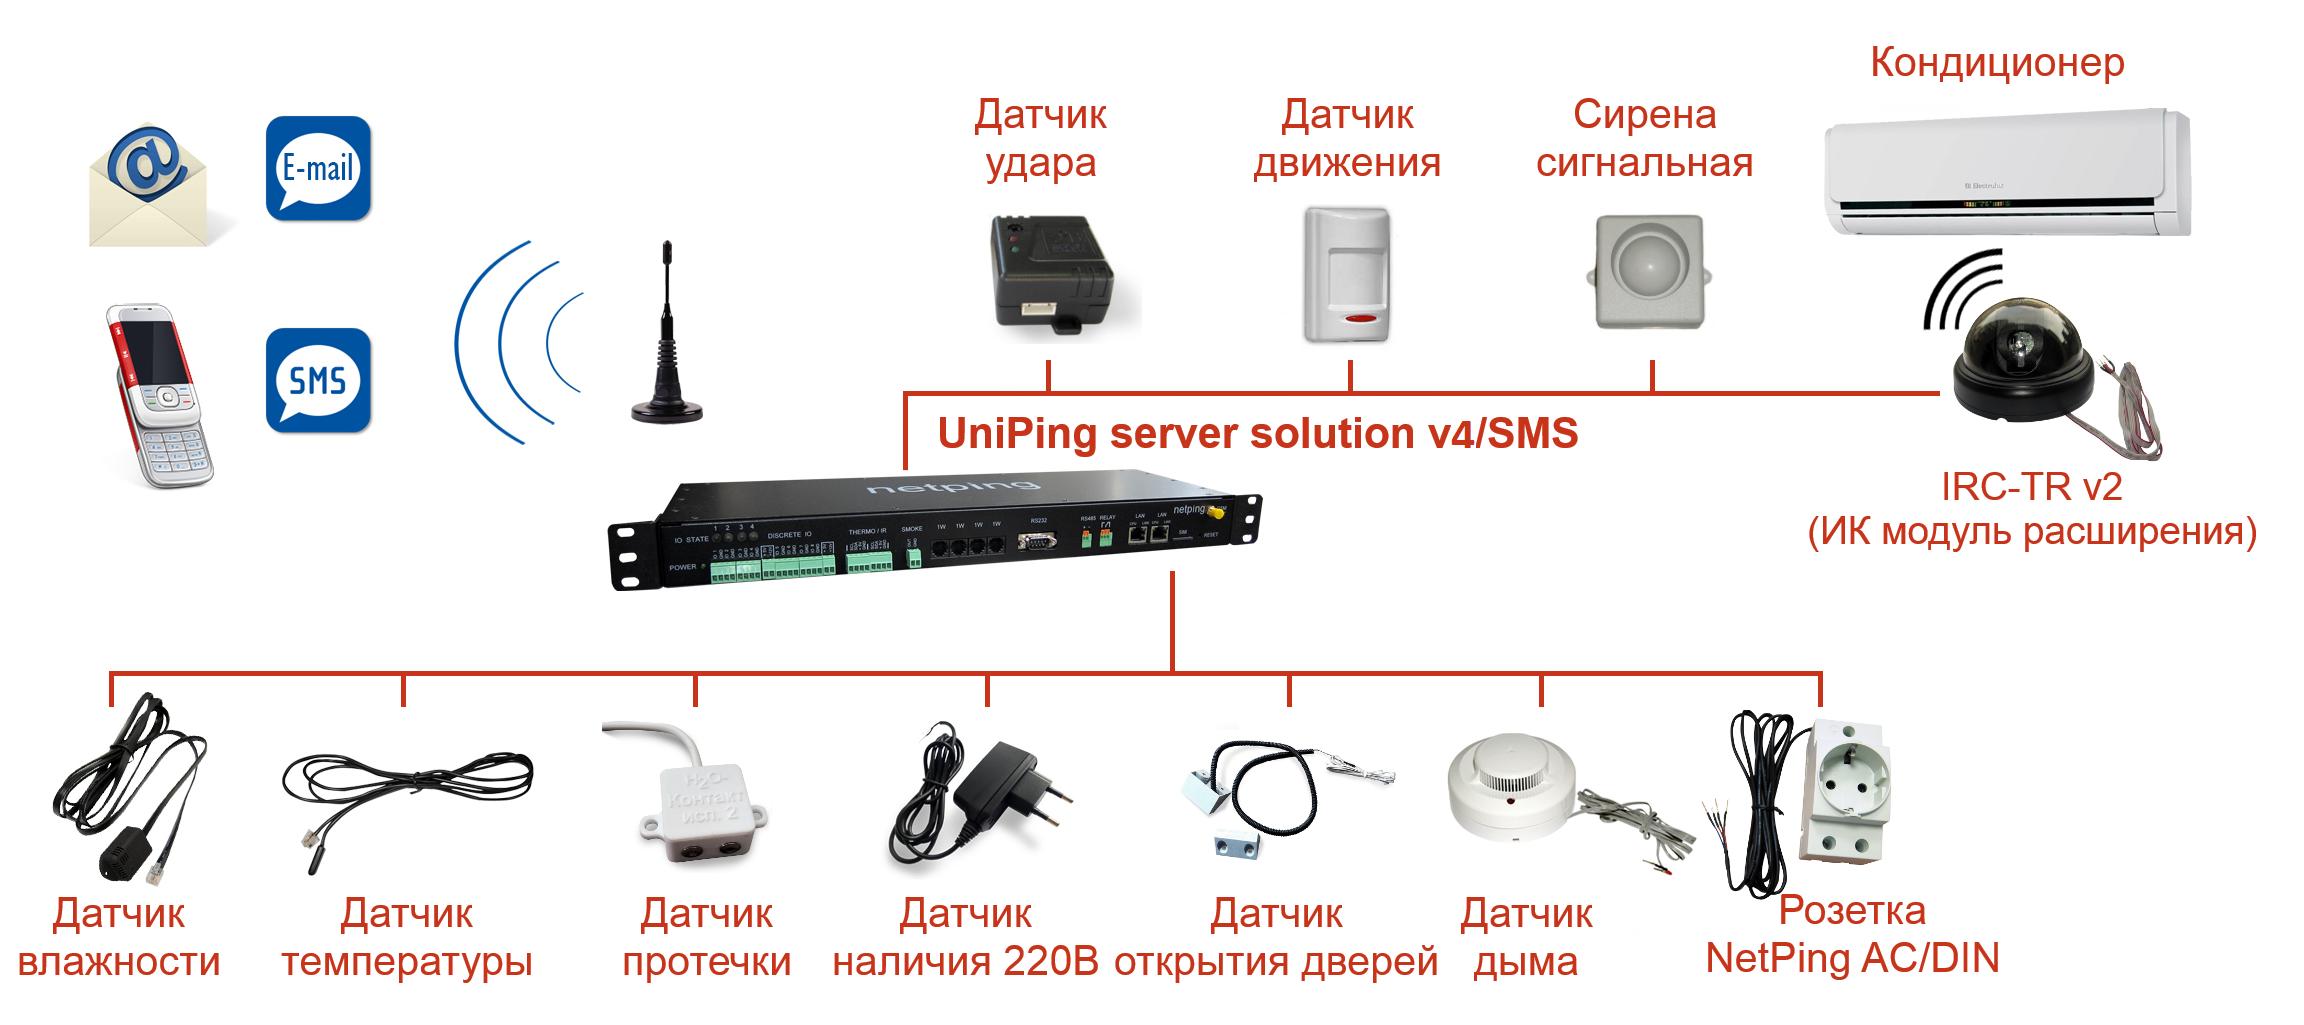 Подключение датчиков и внешних устройств к UniPing server solution v3SMS